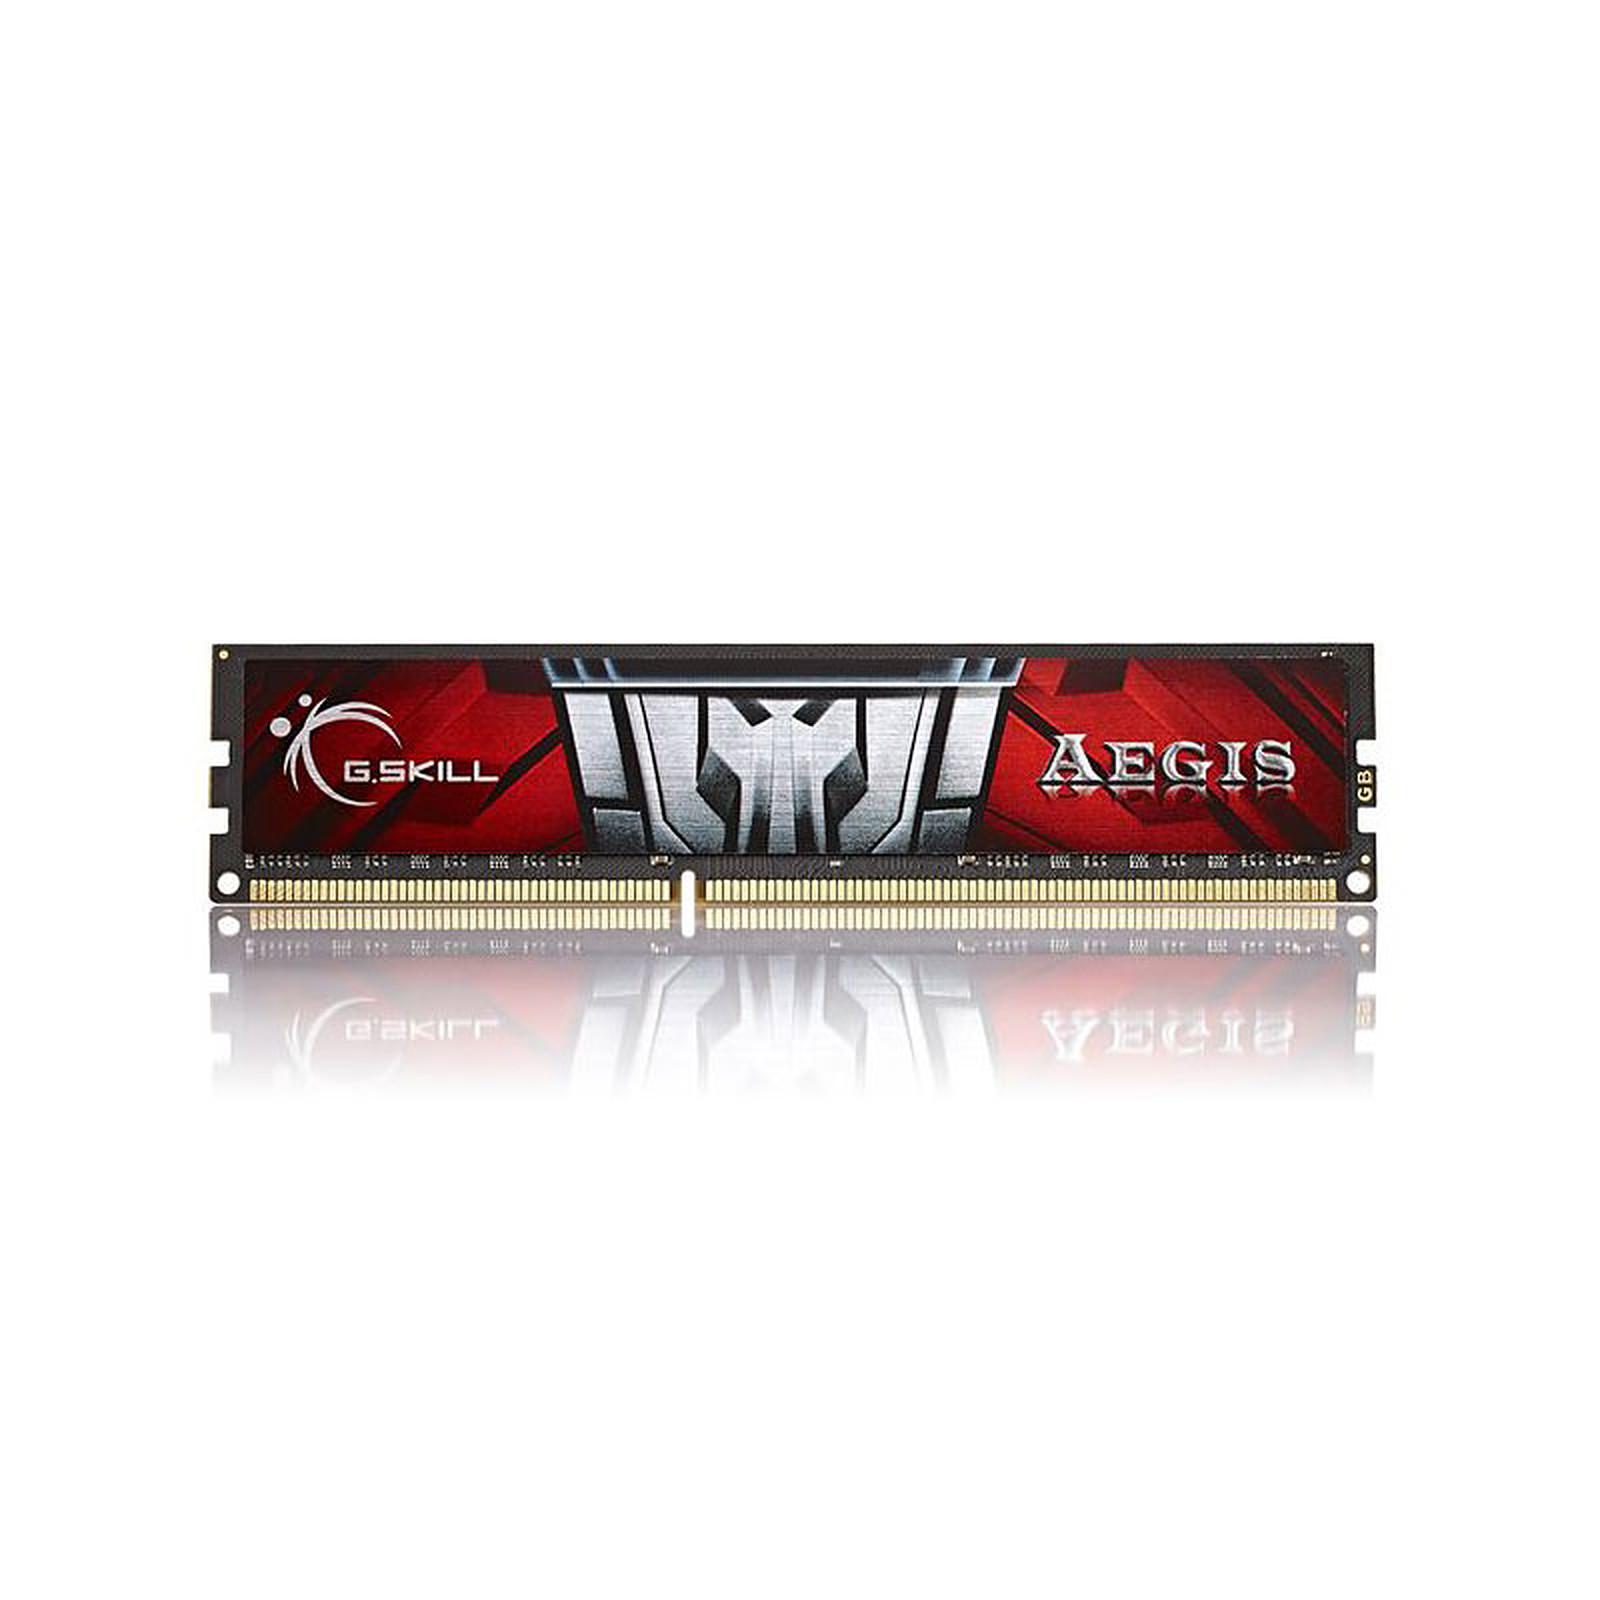 G.Skill Aegis Series 8 Go DDR3 1600 MHz CL11